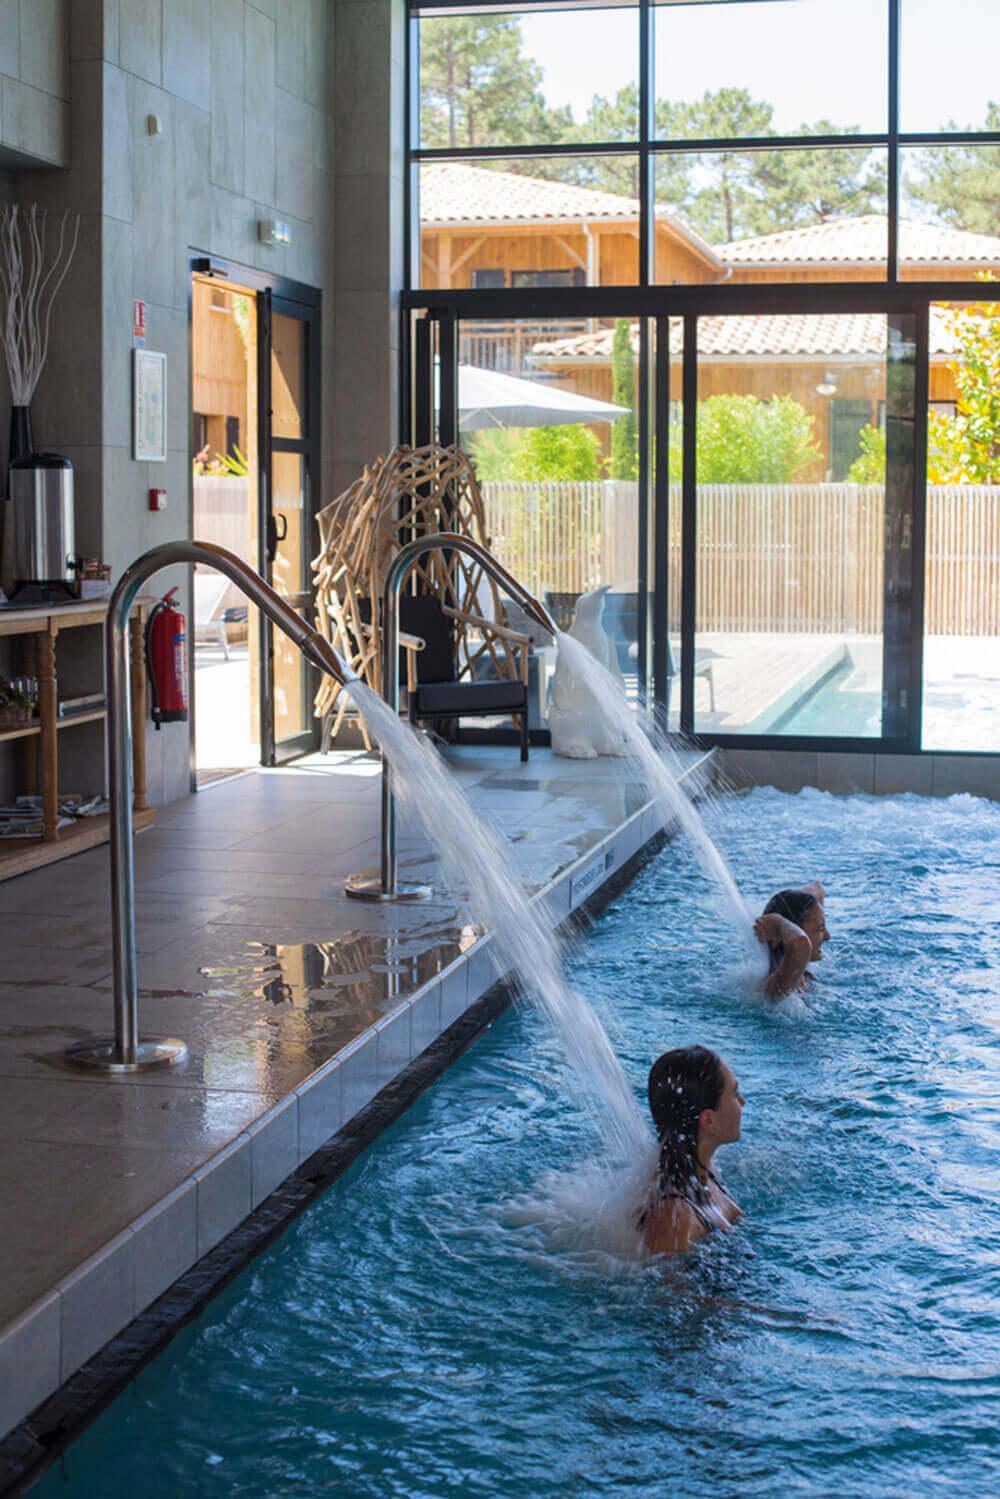 Domaine Ferret piscine jacuzzi